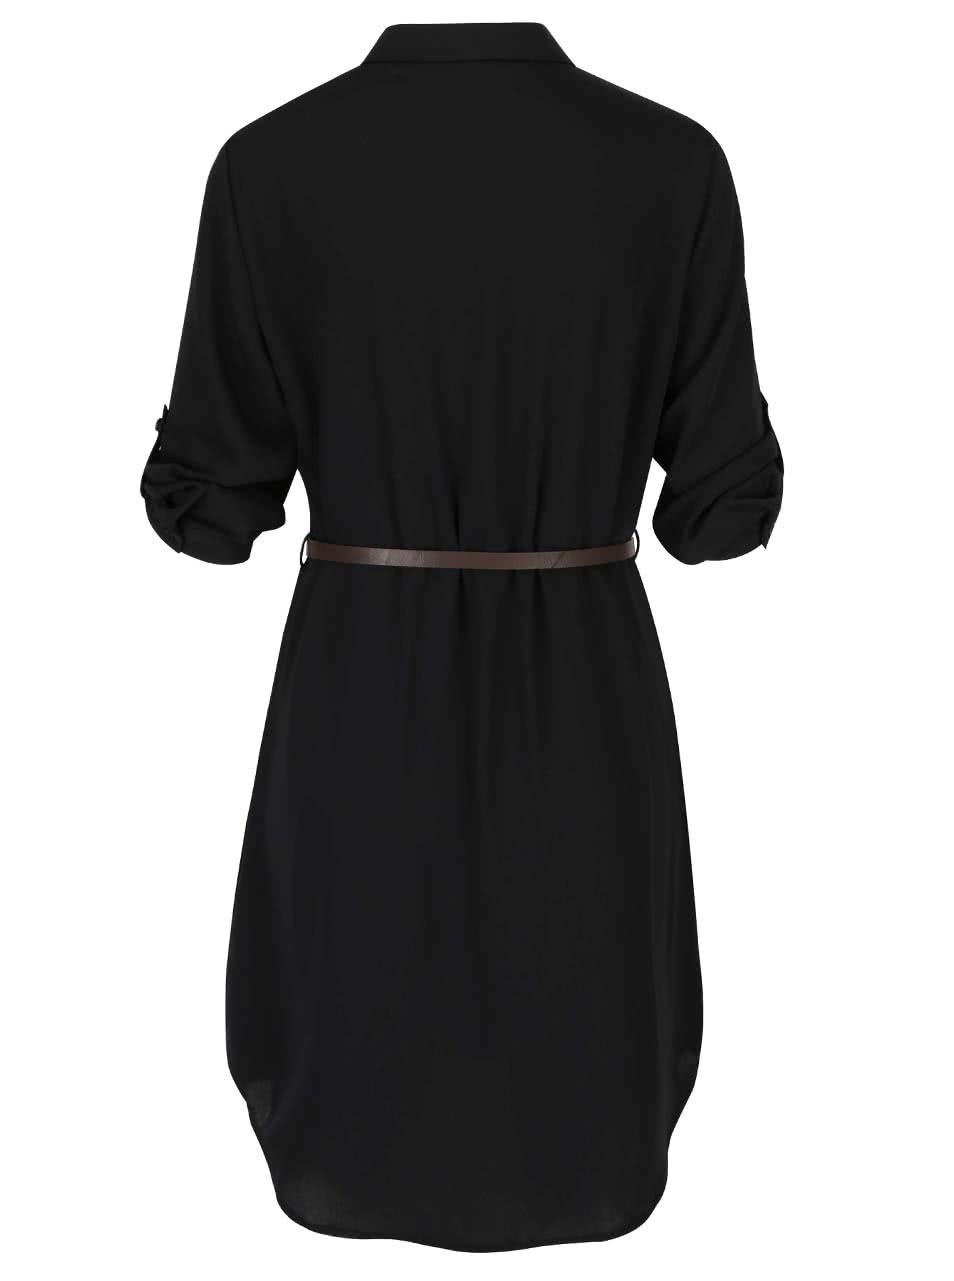 fec6f7274fc5 Čierne košeľové šaty s opaskom VERO MODA Adele ...